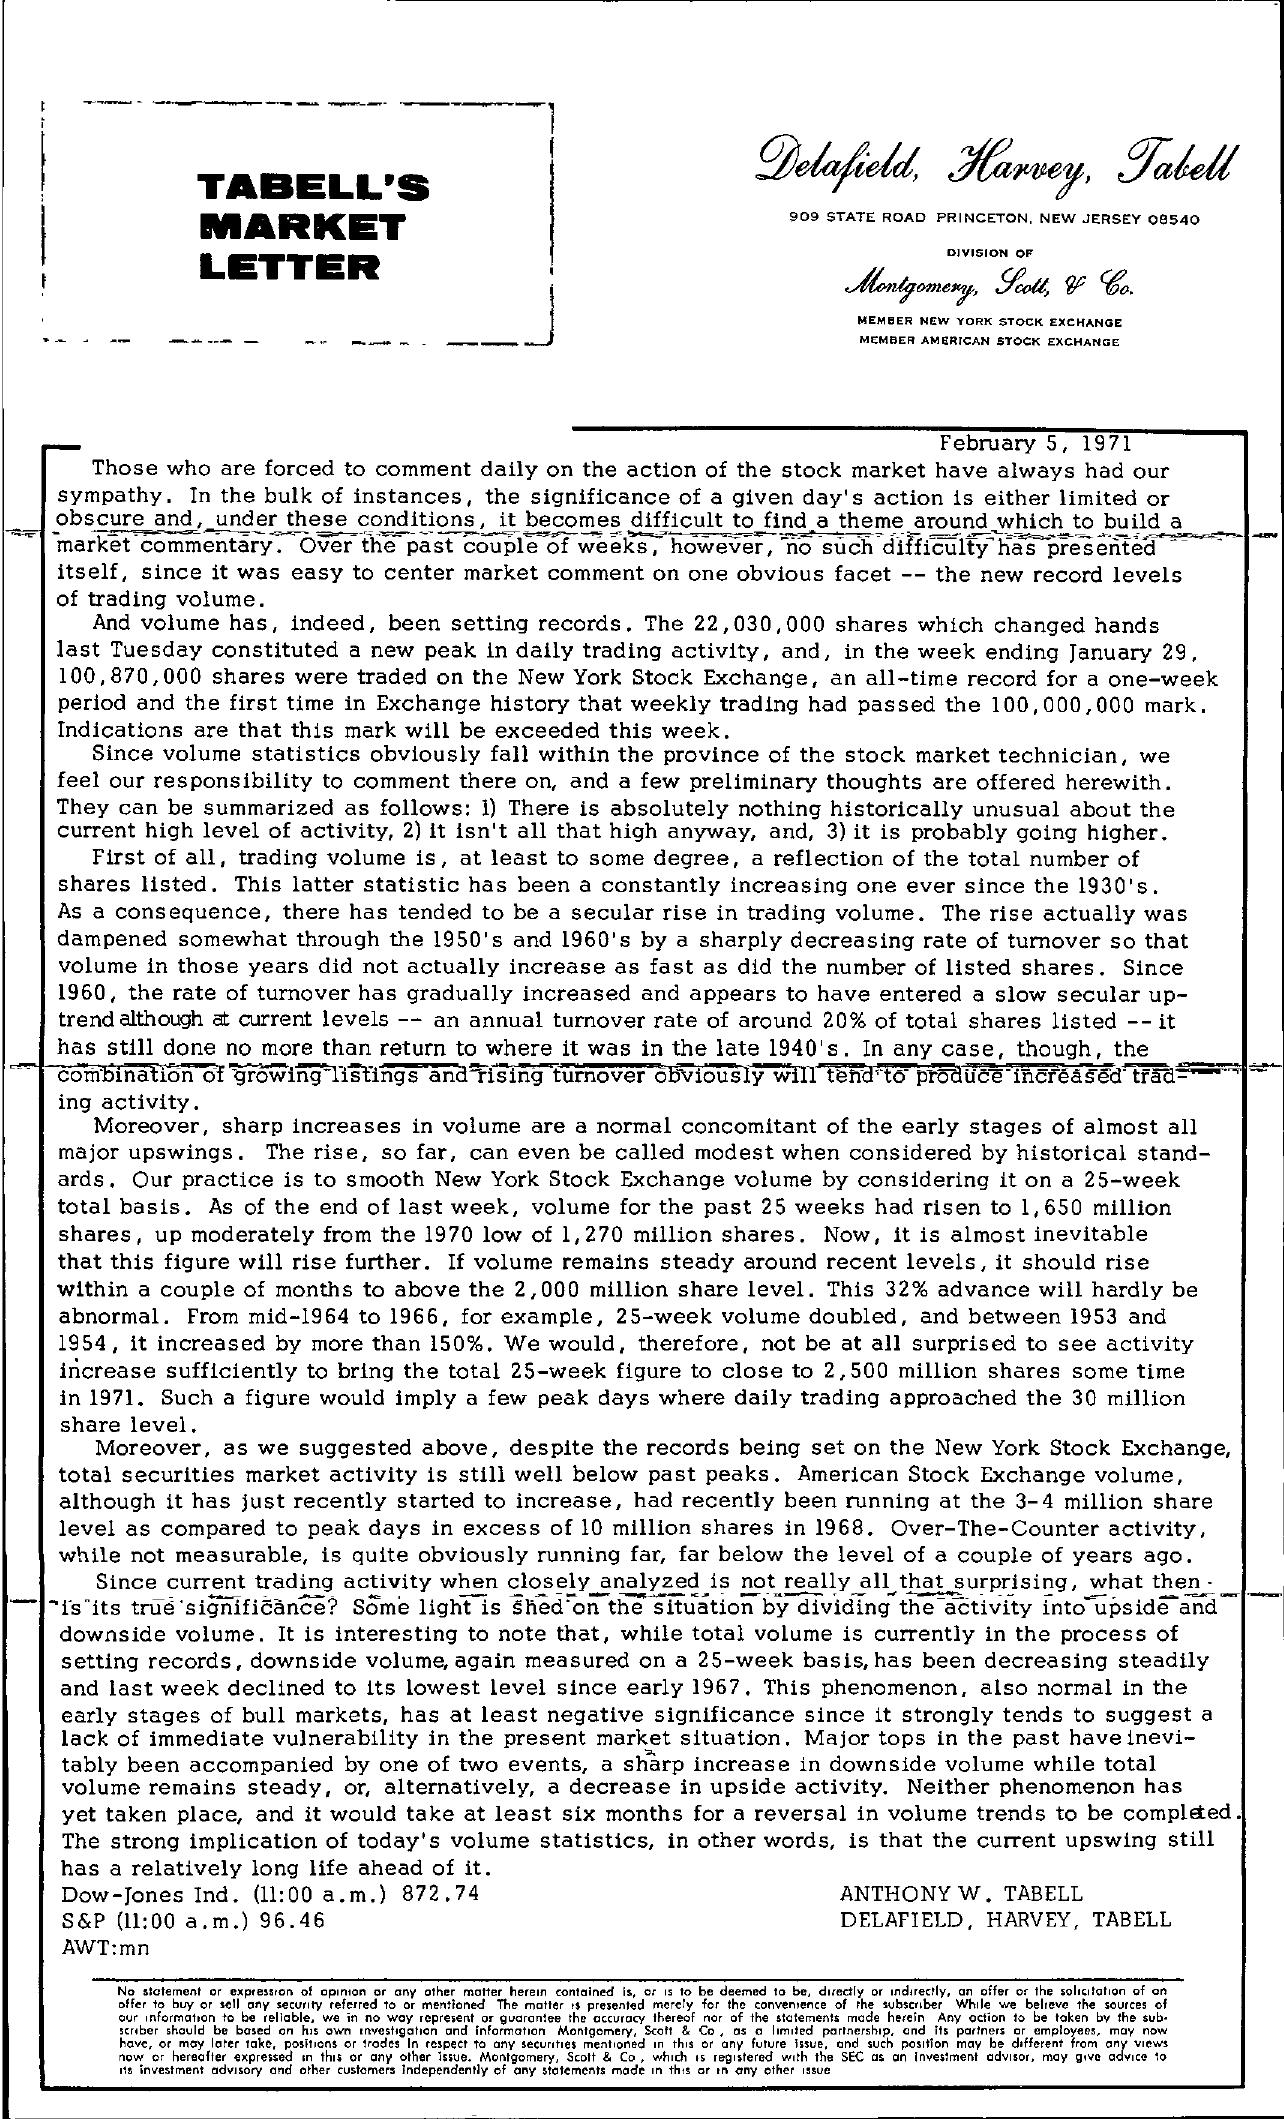 Tabell's Market Letter - February 05, 1971